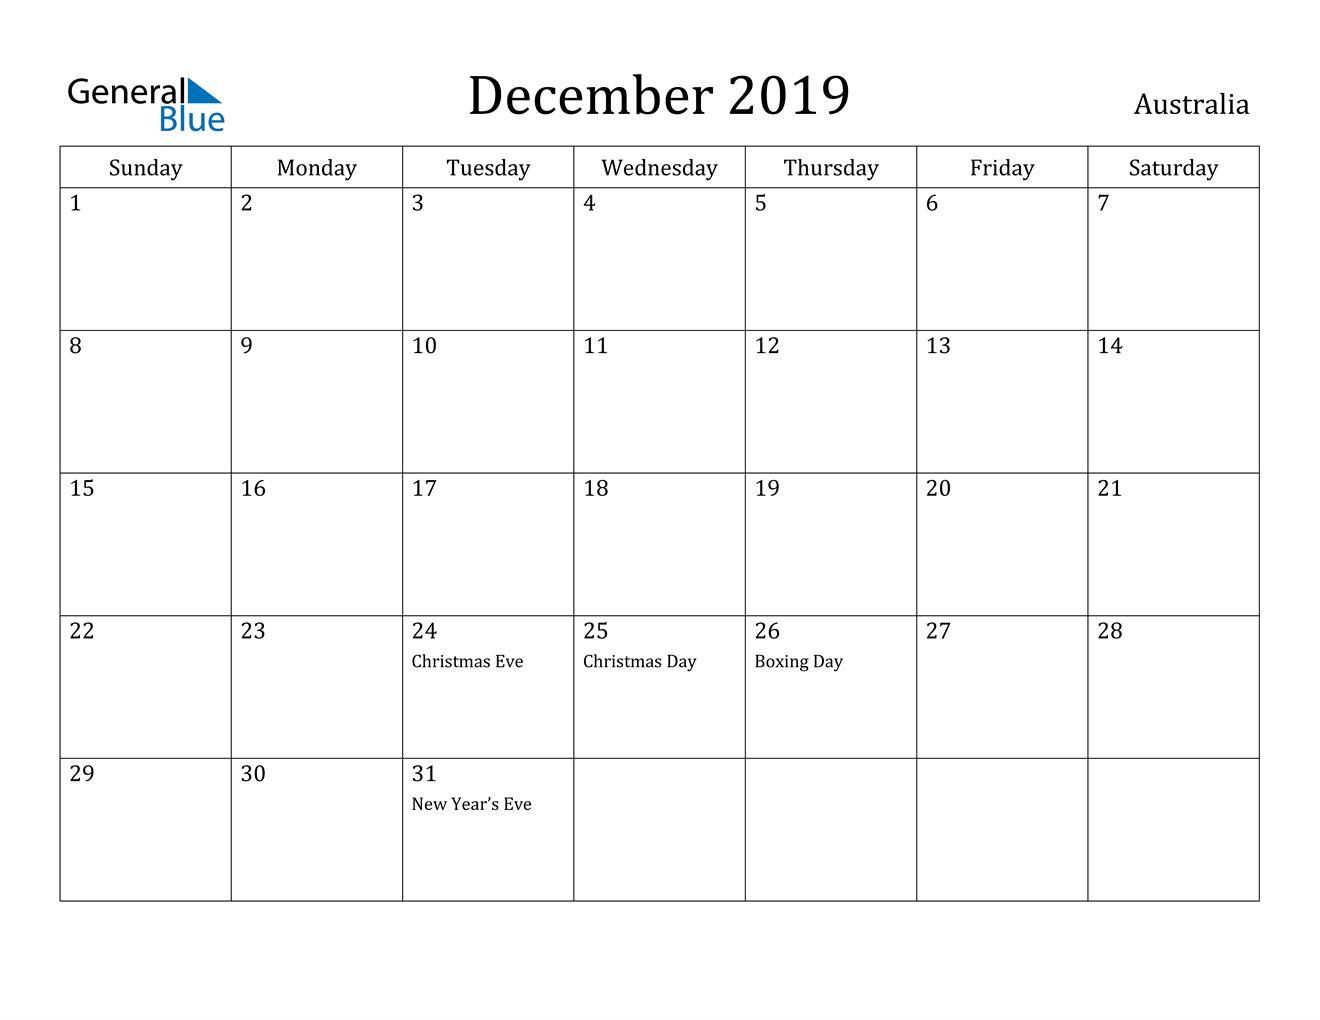 Image of December 2019 Australia Calendar with Holidays Calendar